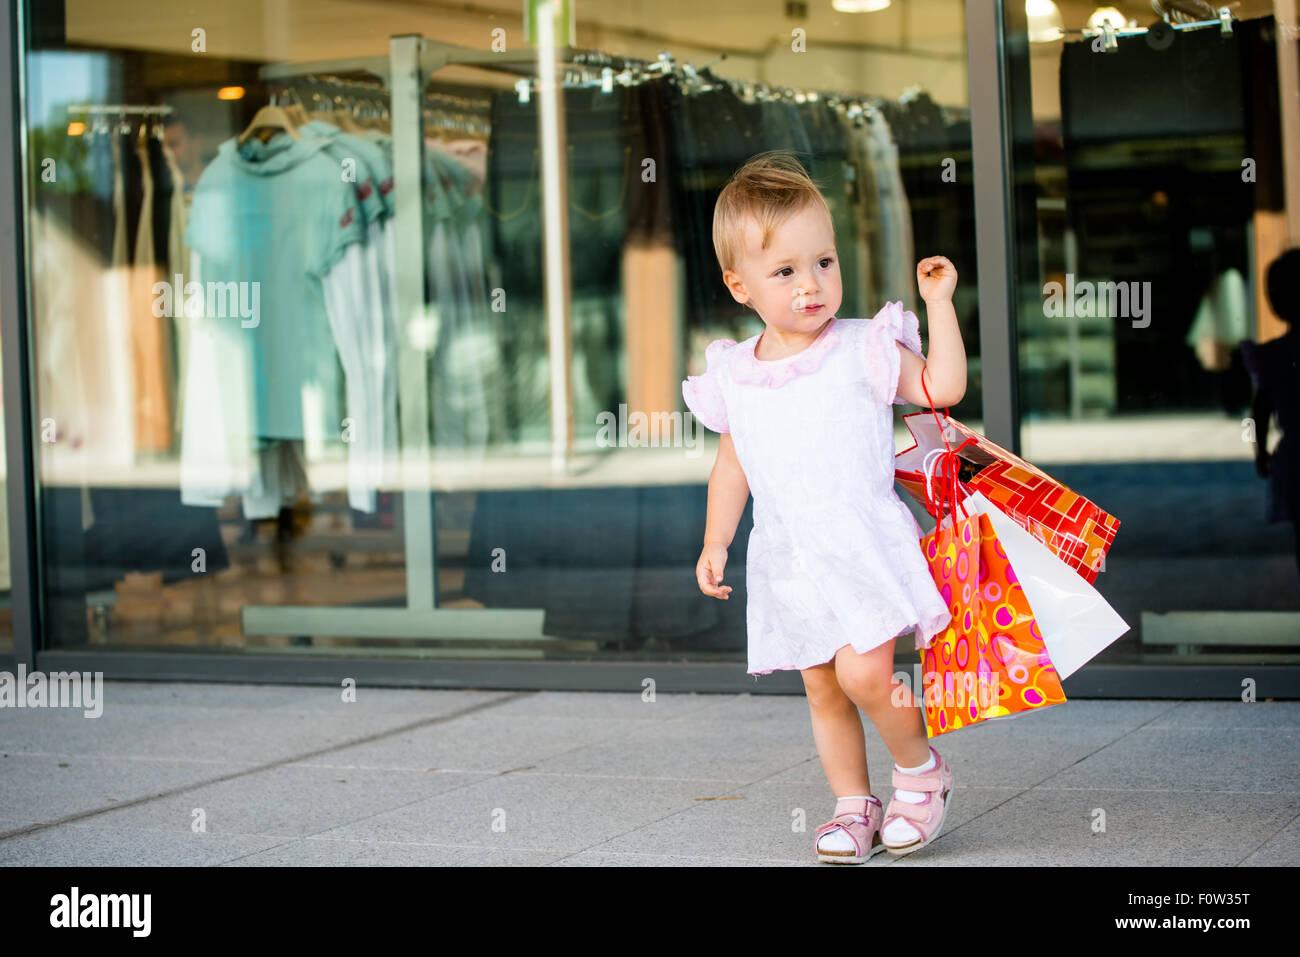 Mignon bébé va faire les courses avec des sacs, des magasins en arrière-plan Photo Stock